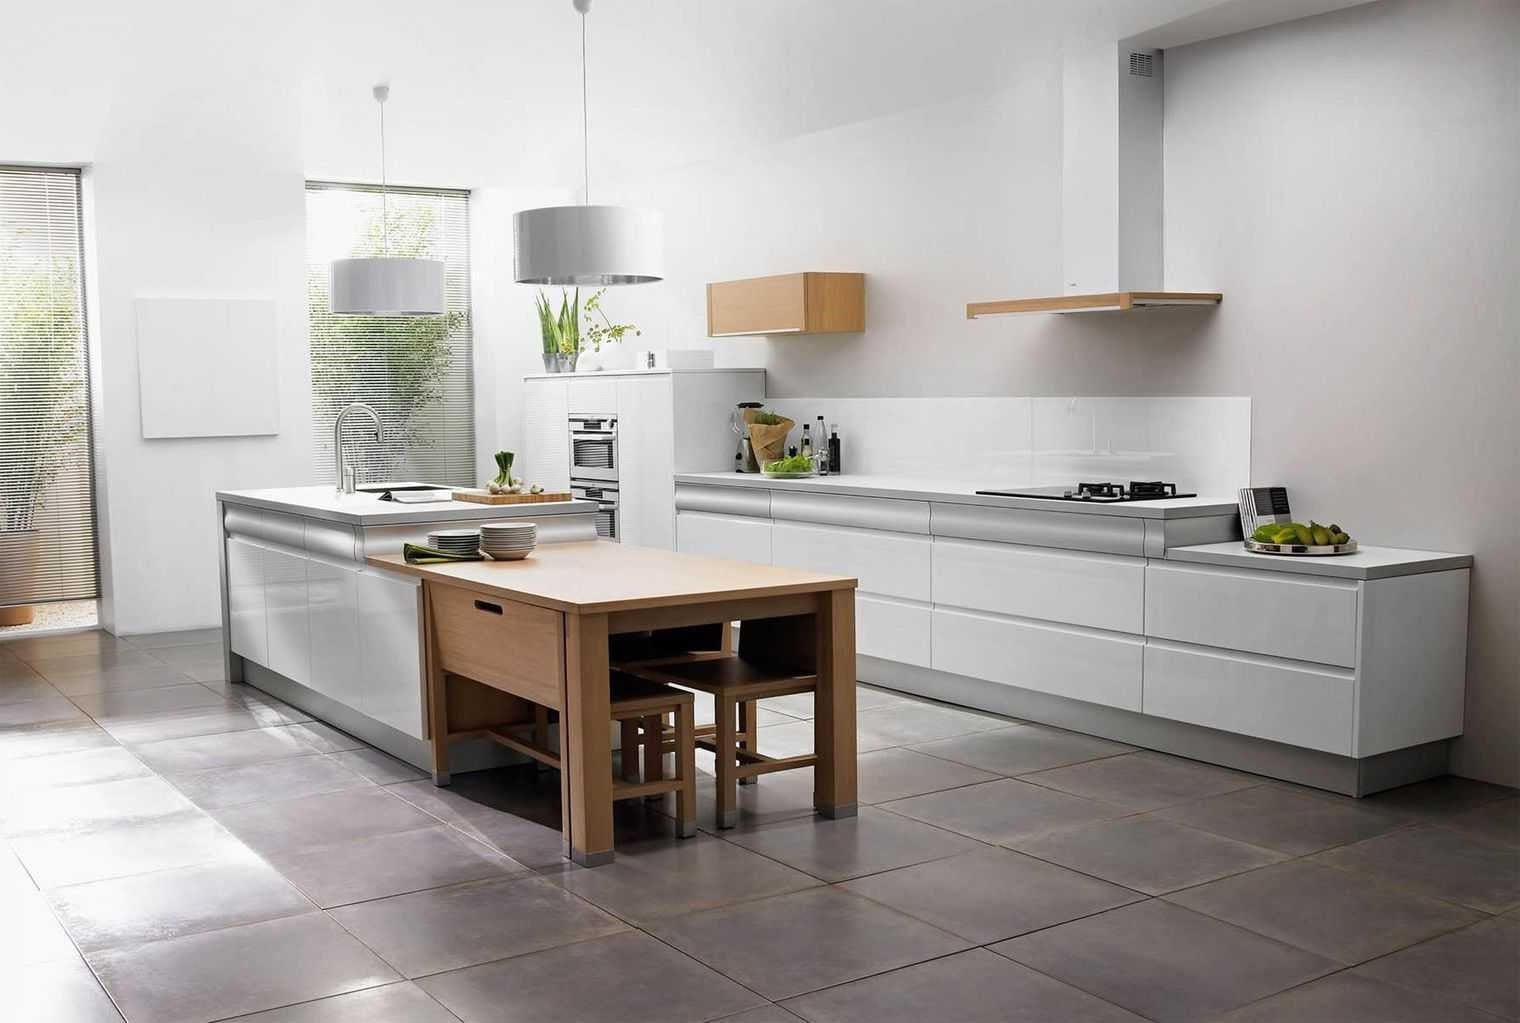 Cuisine Avec Parquet Gris cuisine blanche et bois : 25 idées et photos | ctendance.fr